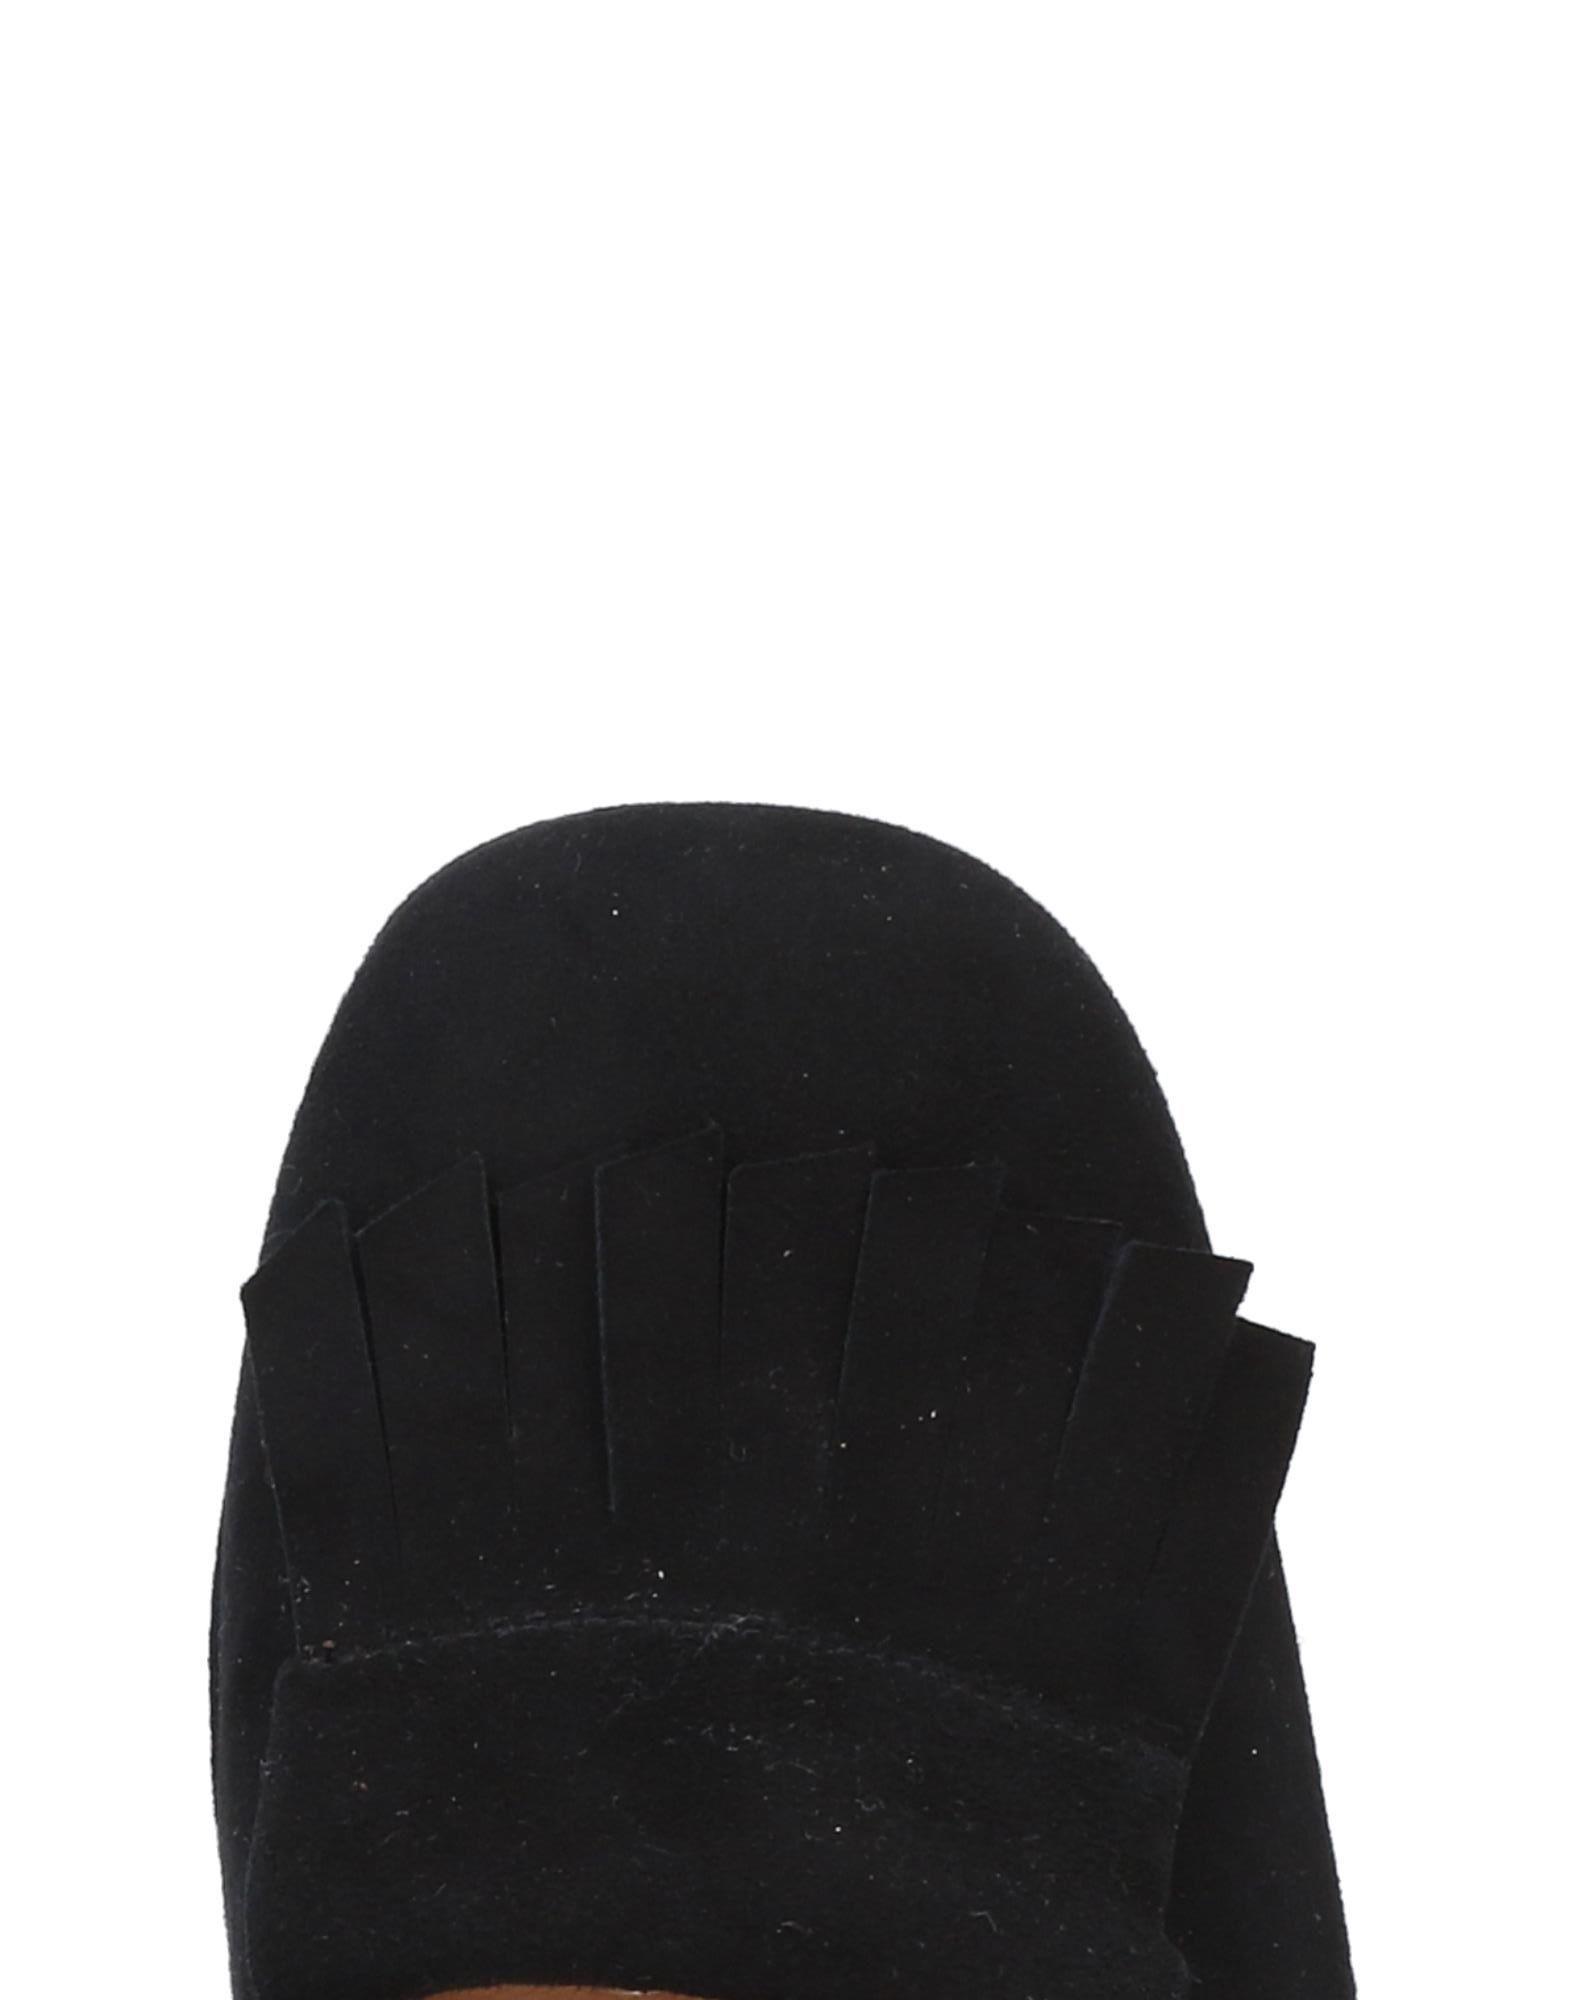 Gut um billige Damen Schuhe zu tragenAudley Mokassins Damen billige  11462293MD f98cc6